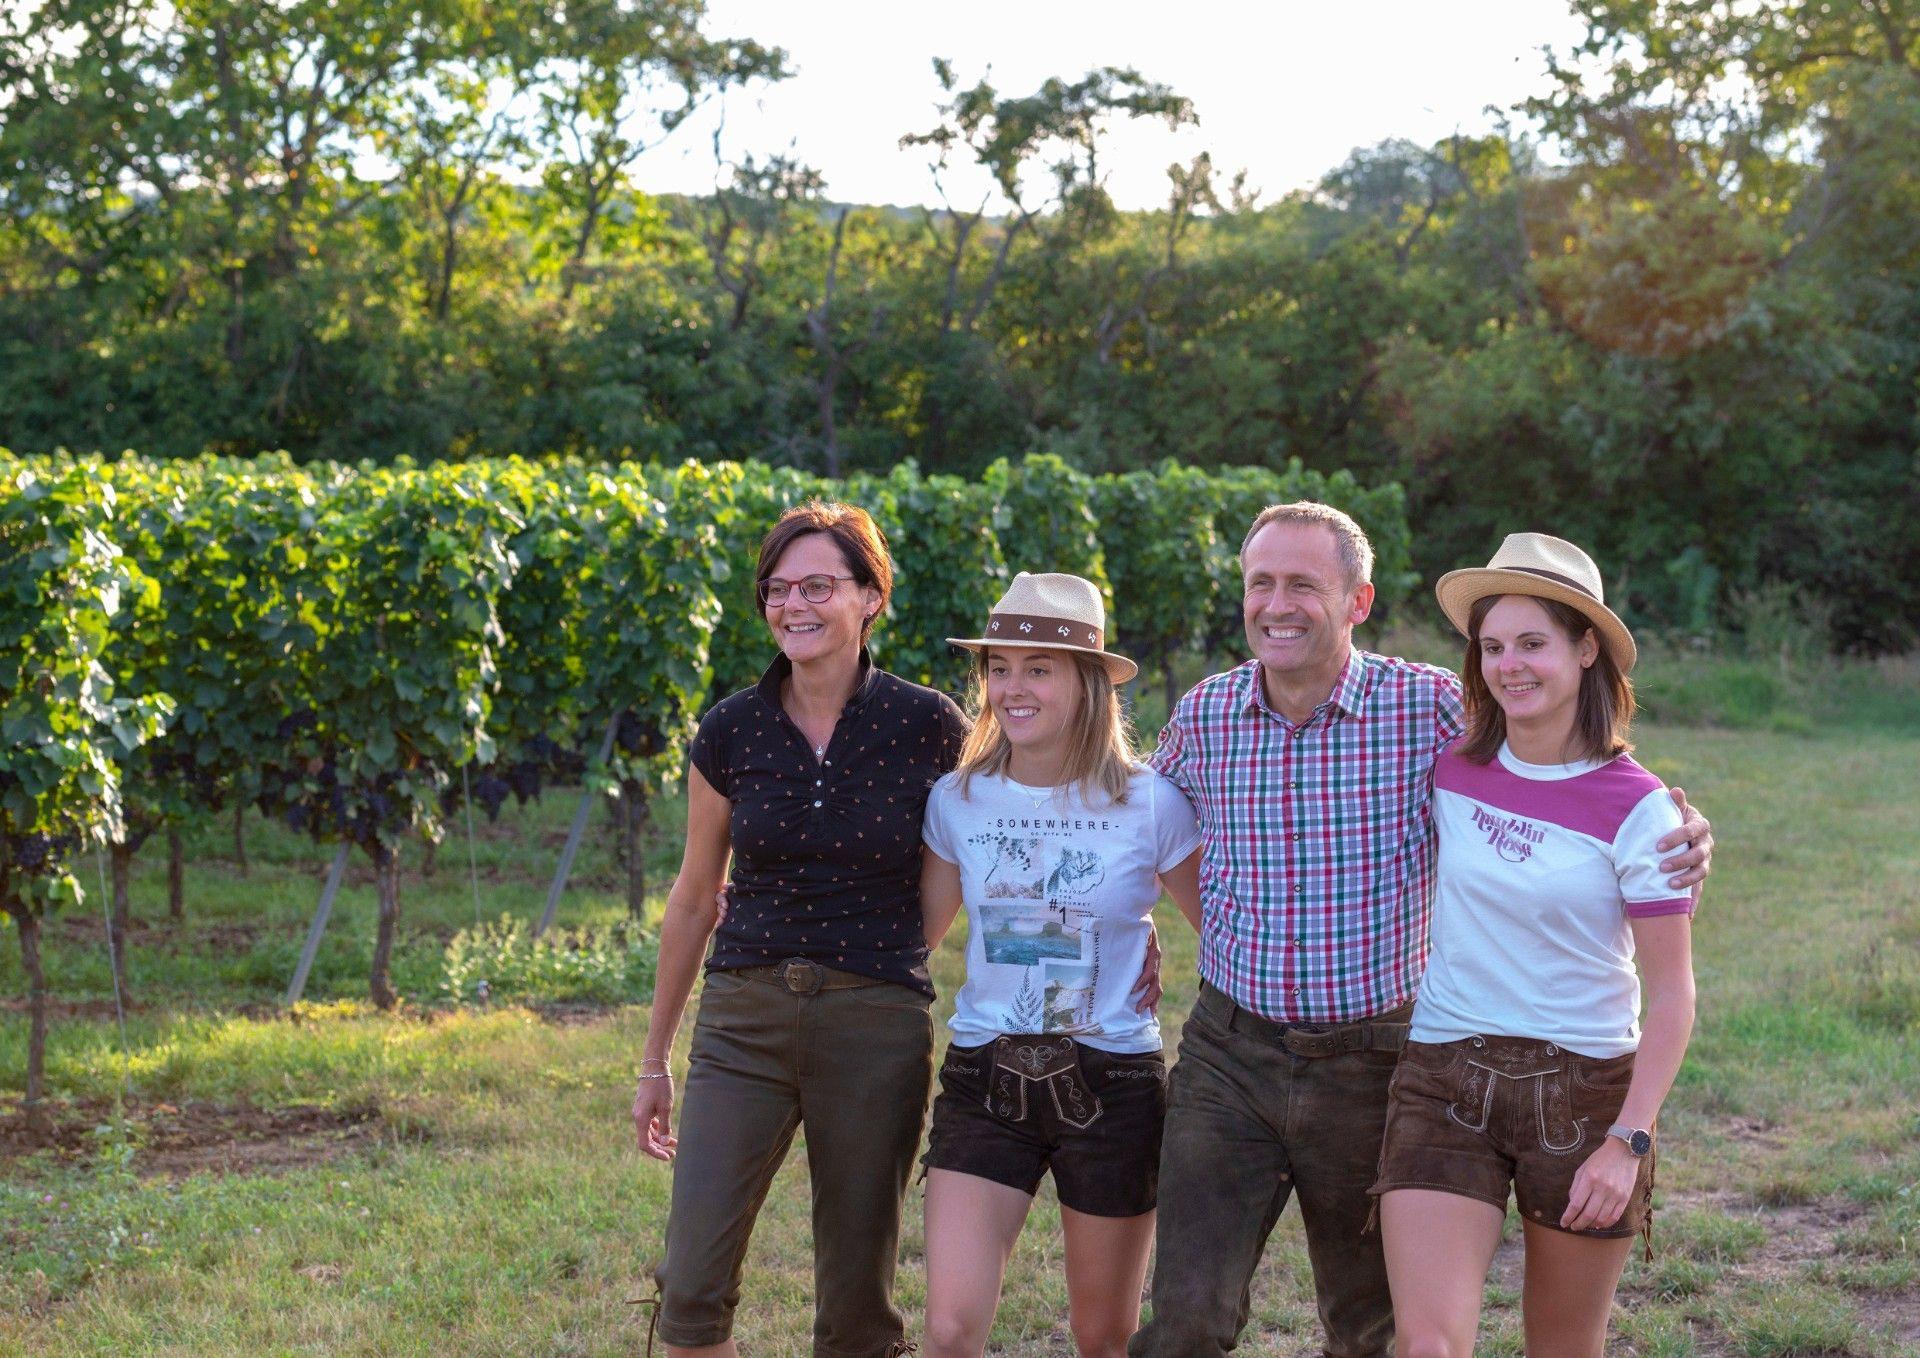 Familie Hummel im Weingarten